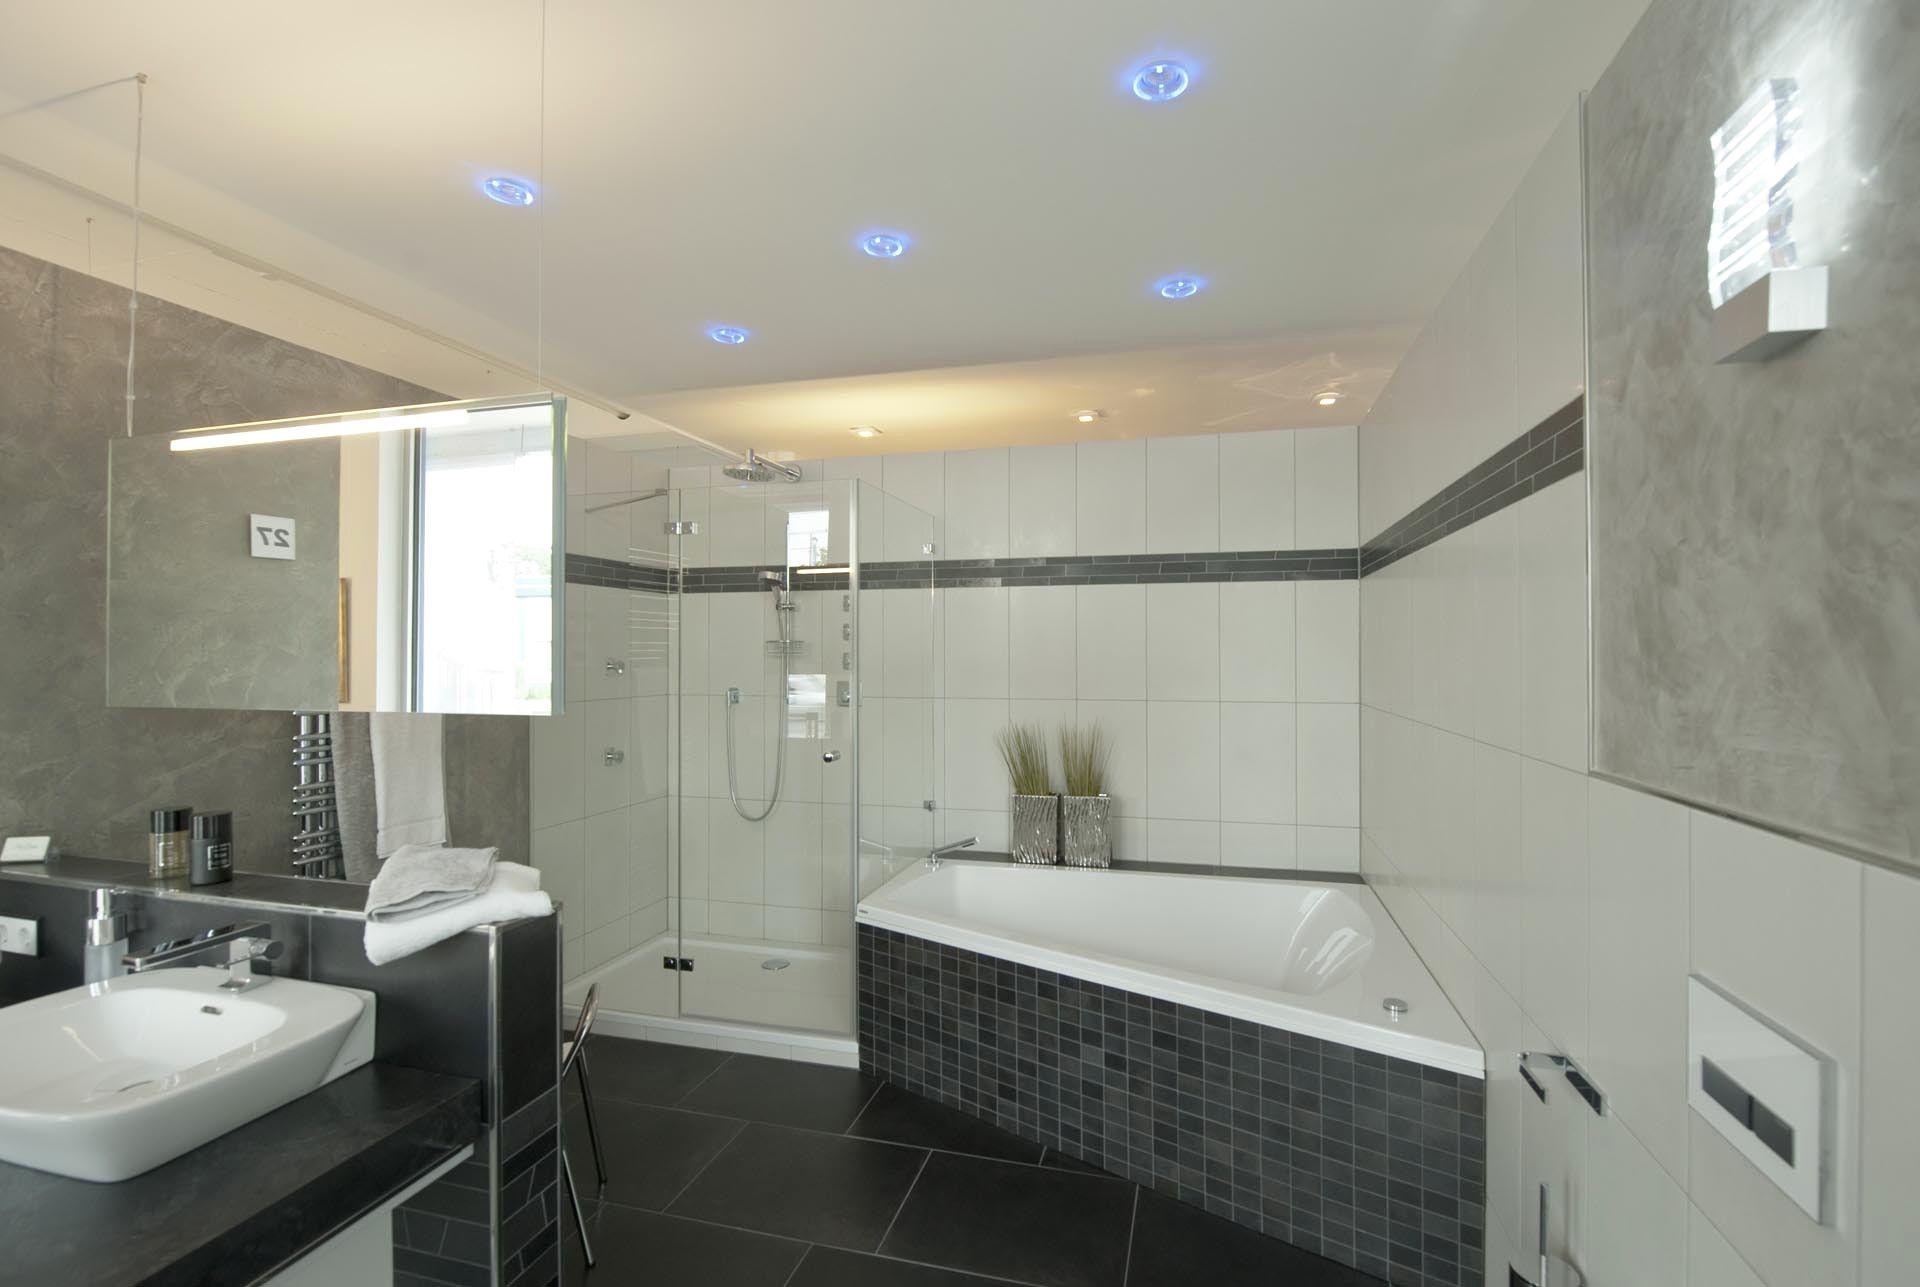 Deckenbeleuchtung Badezimmer ~ Mobel und dekoration led beleuchtung im badezimmer mit licht bad